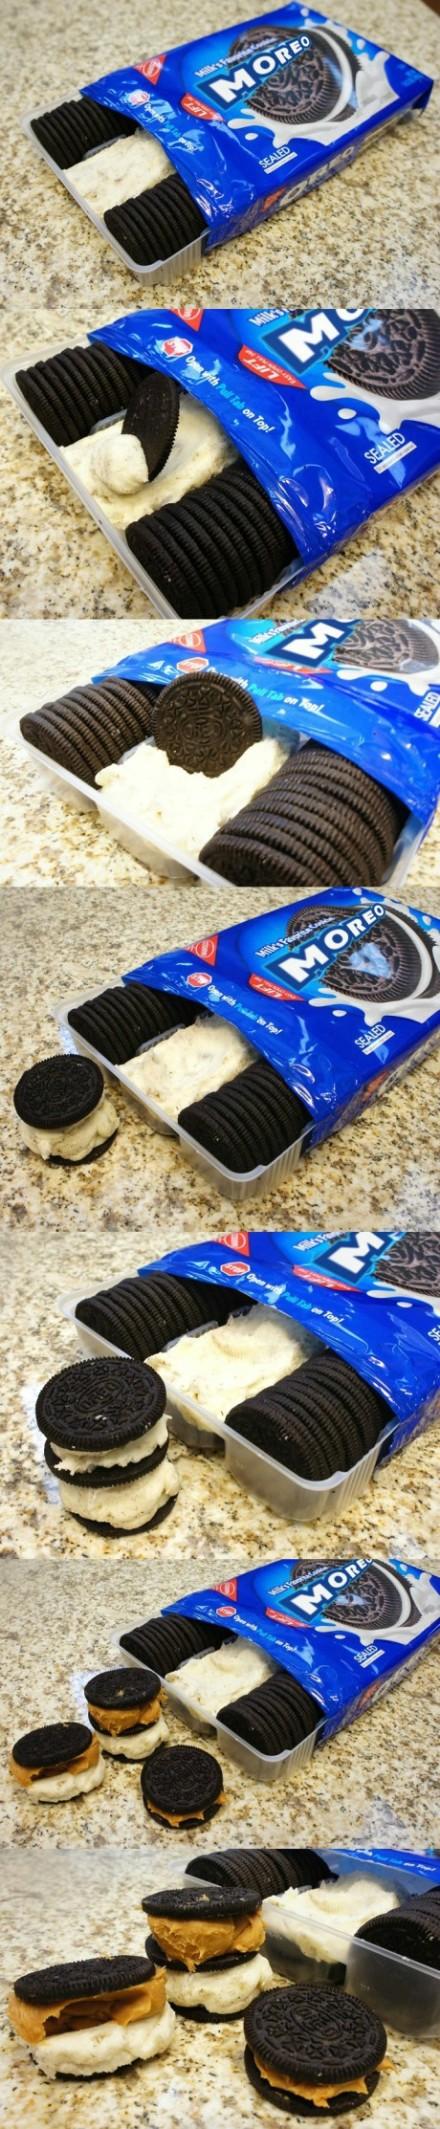 (不知道是不是奥利奥Oreo的新产品……)的玩意,把奥利奥的饼干和夹心分开放,这样就能随意加不同的份量来吃了..........